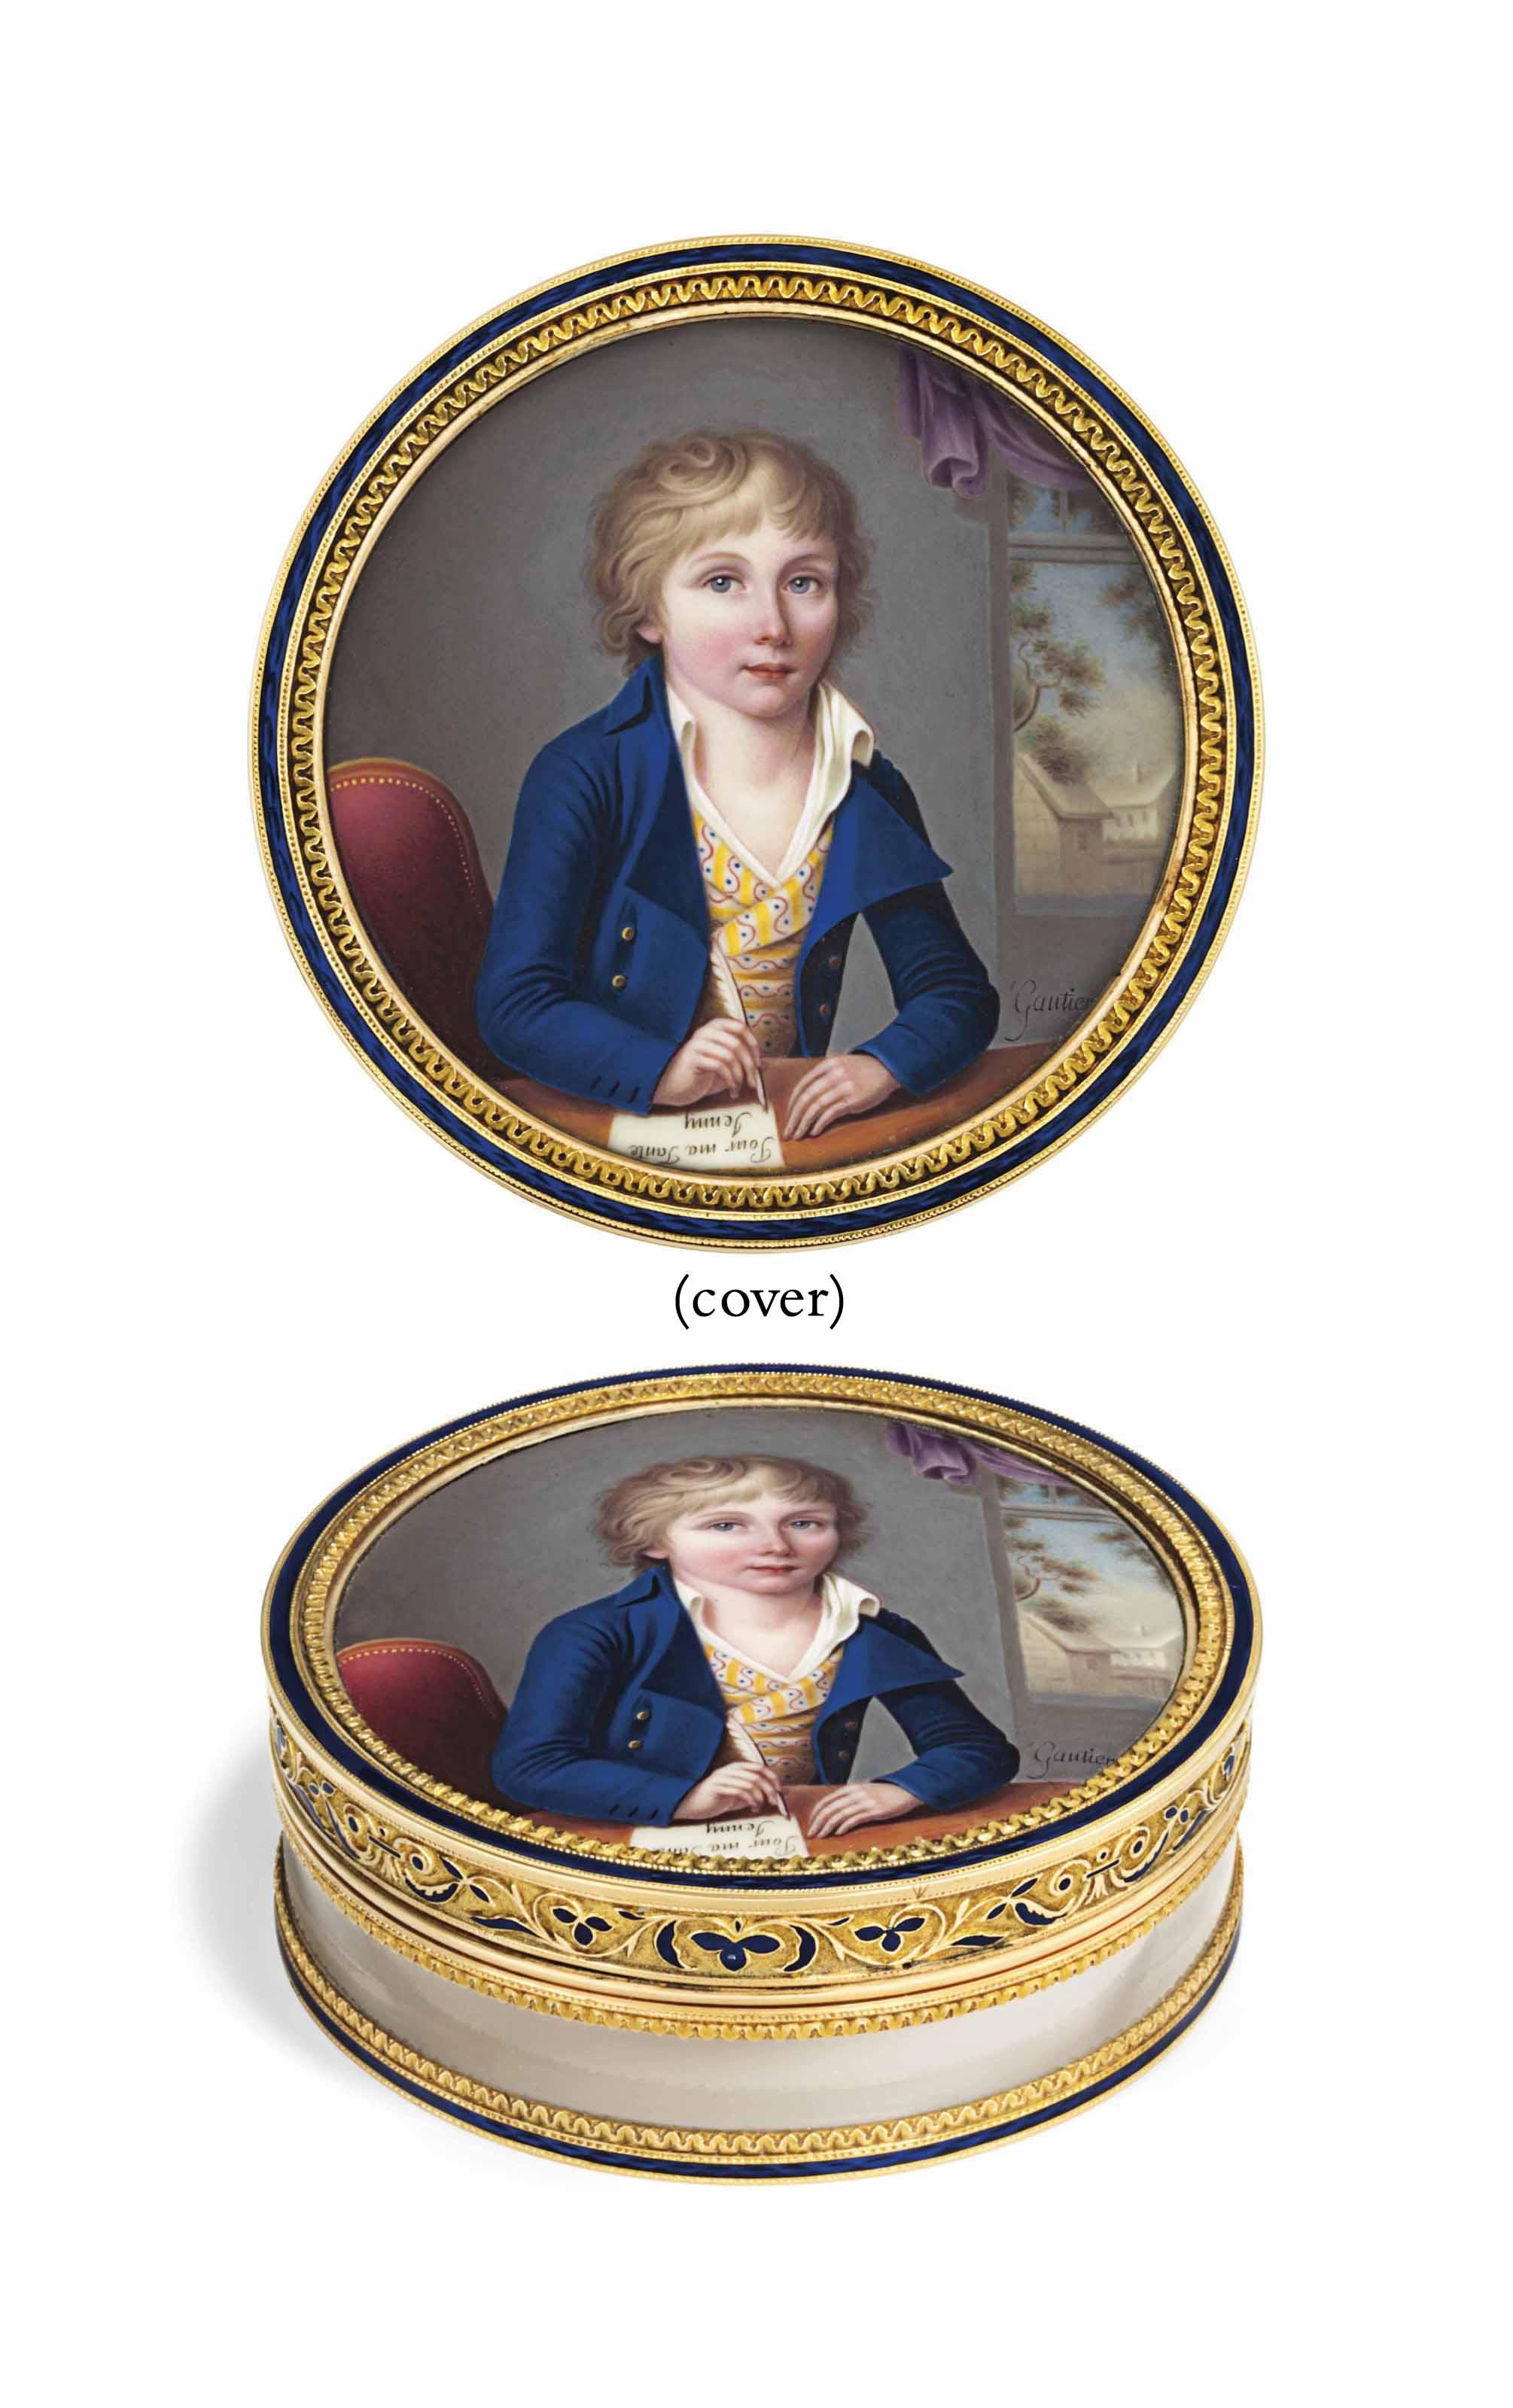 JEAN RODOLPHE GAUTIER (SWISS, 1764 -  AFTER 1817)